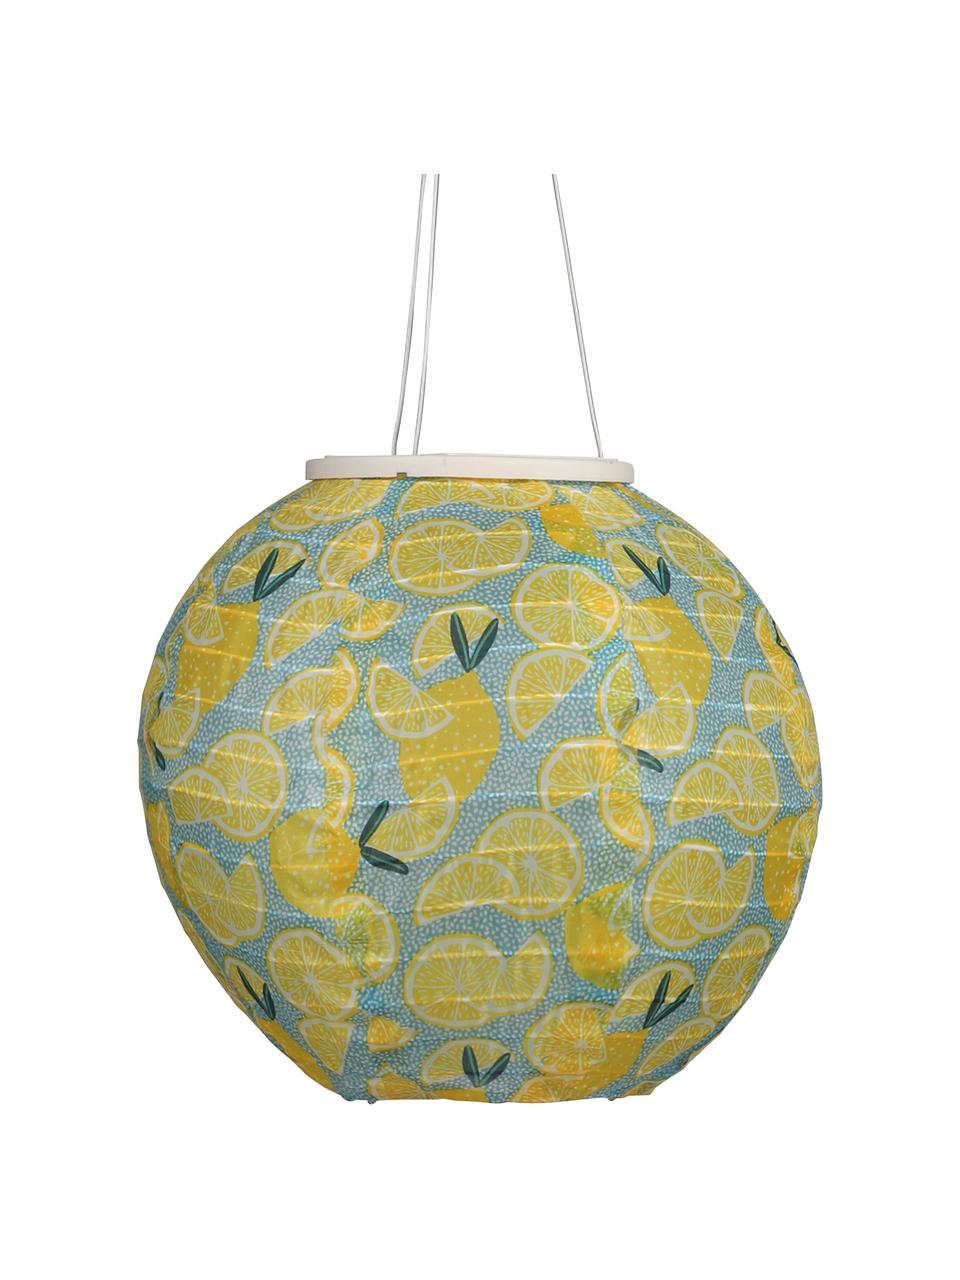 Solární závěsná lampa Citrus, Žlutá, modrá, zelená